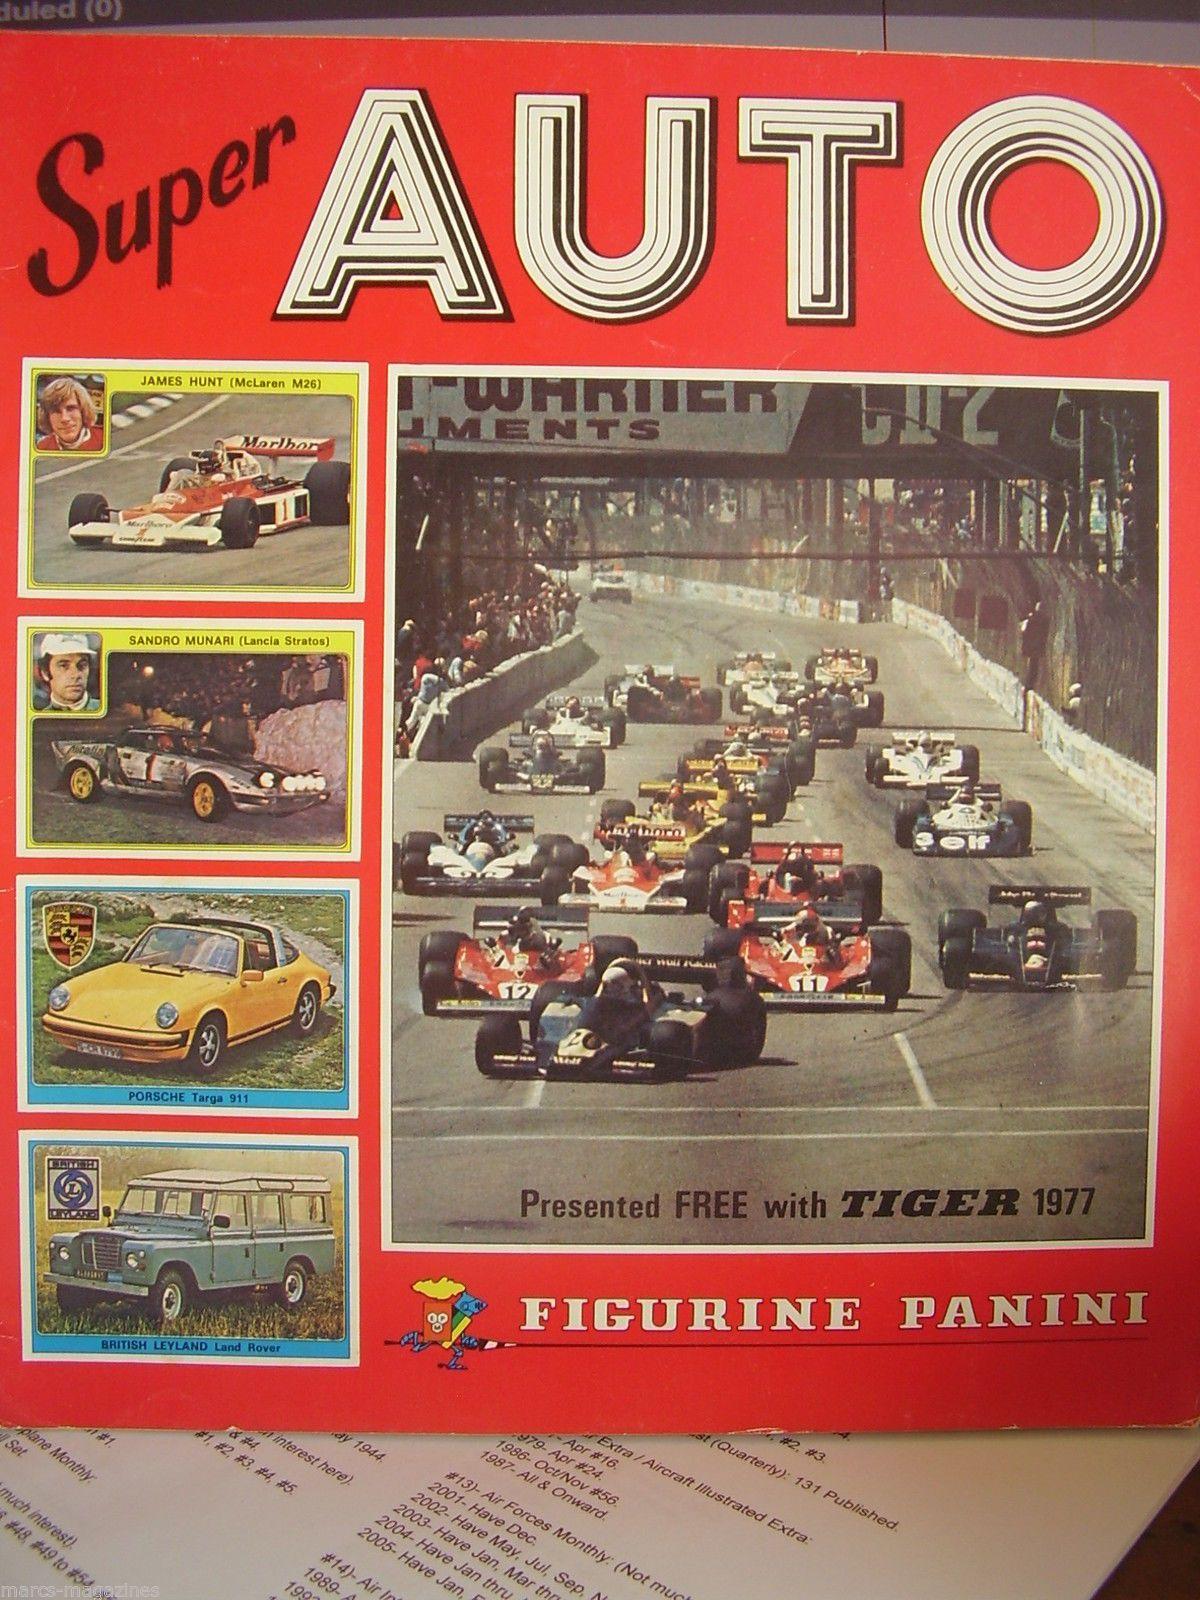 Rare Figurine Panini Sticker Album Book 1977 Super Auto Tiger Unused Formula 1 Sticker Album Album Book Figurines [ 1600 x 1200 Pixel ]